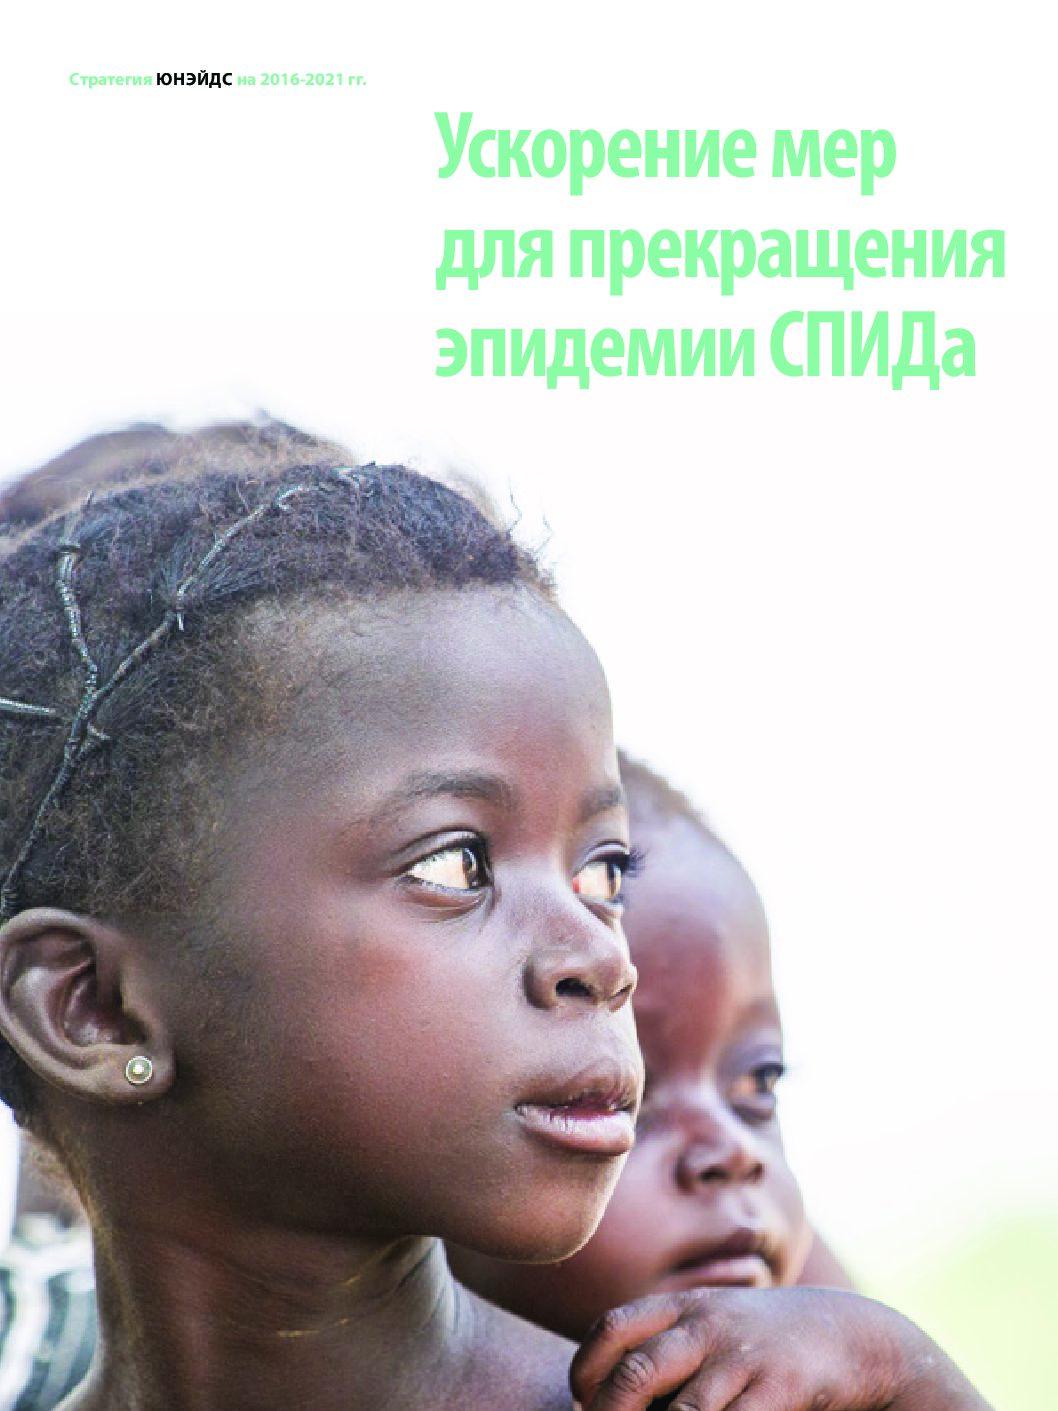 Стратегия ЮНЭЙДС на 2016-2021 гг. Ускорение мер для прекращения эпидемии СПИДа